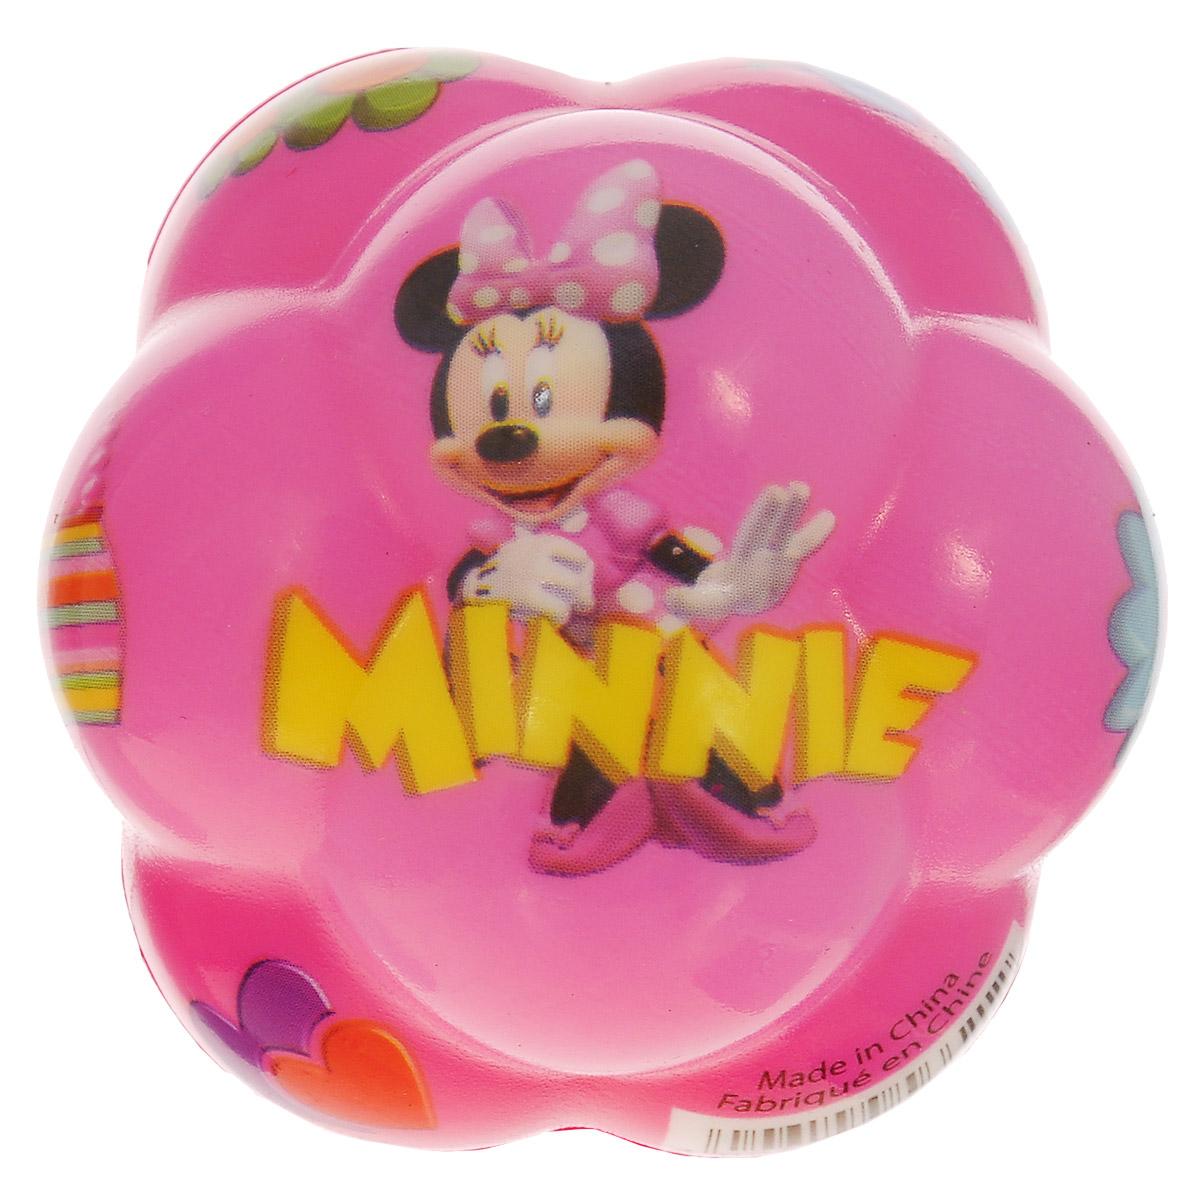 John Суперпрыгающий мяч бозагга Минни, цвет: розовый, 7 см56621WDJohn Суперпрыгающий мяч бозагга Минни прекрасно подойдет для самых маленьких. Мячик выполнен из ПВХ, имеет необычную форму с выпуклостями, которая обеспечивает ему высокую прыгучесть. Мячик с изображением героев любимого мультфильма непременно заинтересует ребенка, ему сразу захочется его потрогать. Яркий мячик станет незаменимым спутником для всех любителей подвижных игр. Он развивает координацию движений и мелкую моторику.